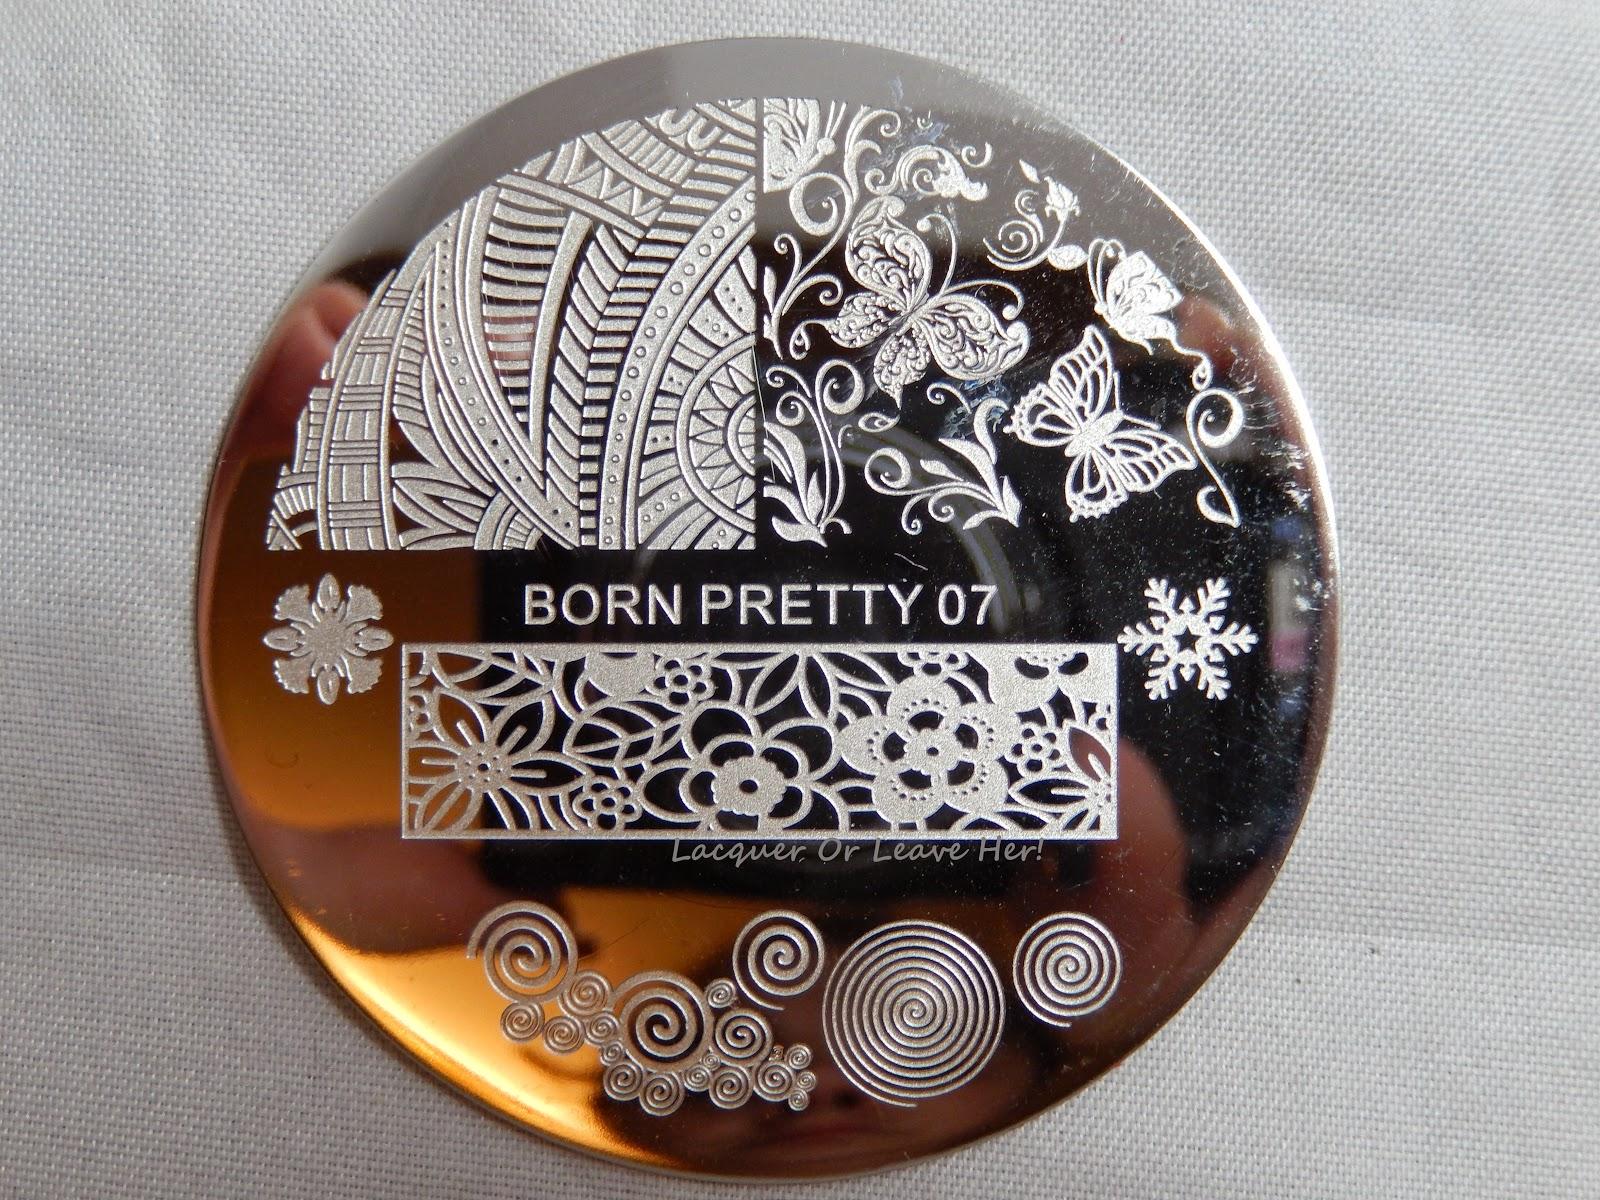 Born Pretty 07